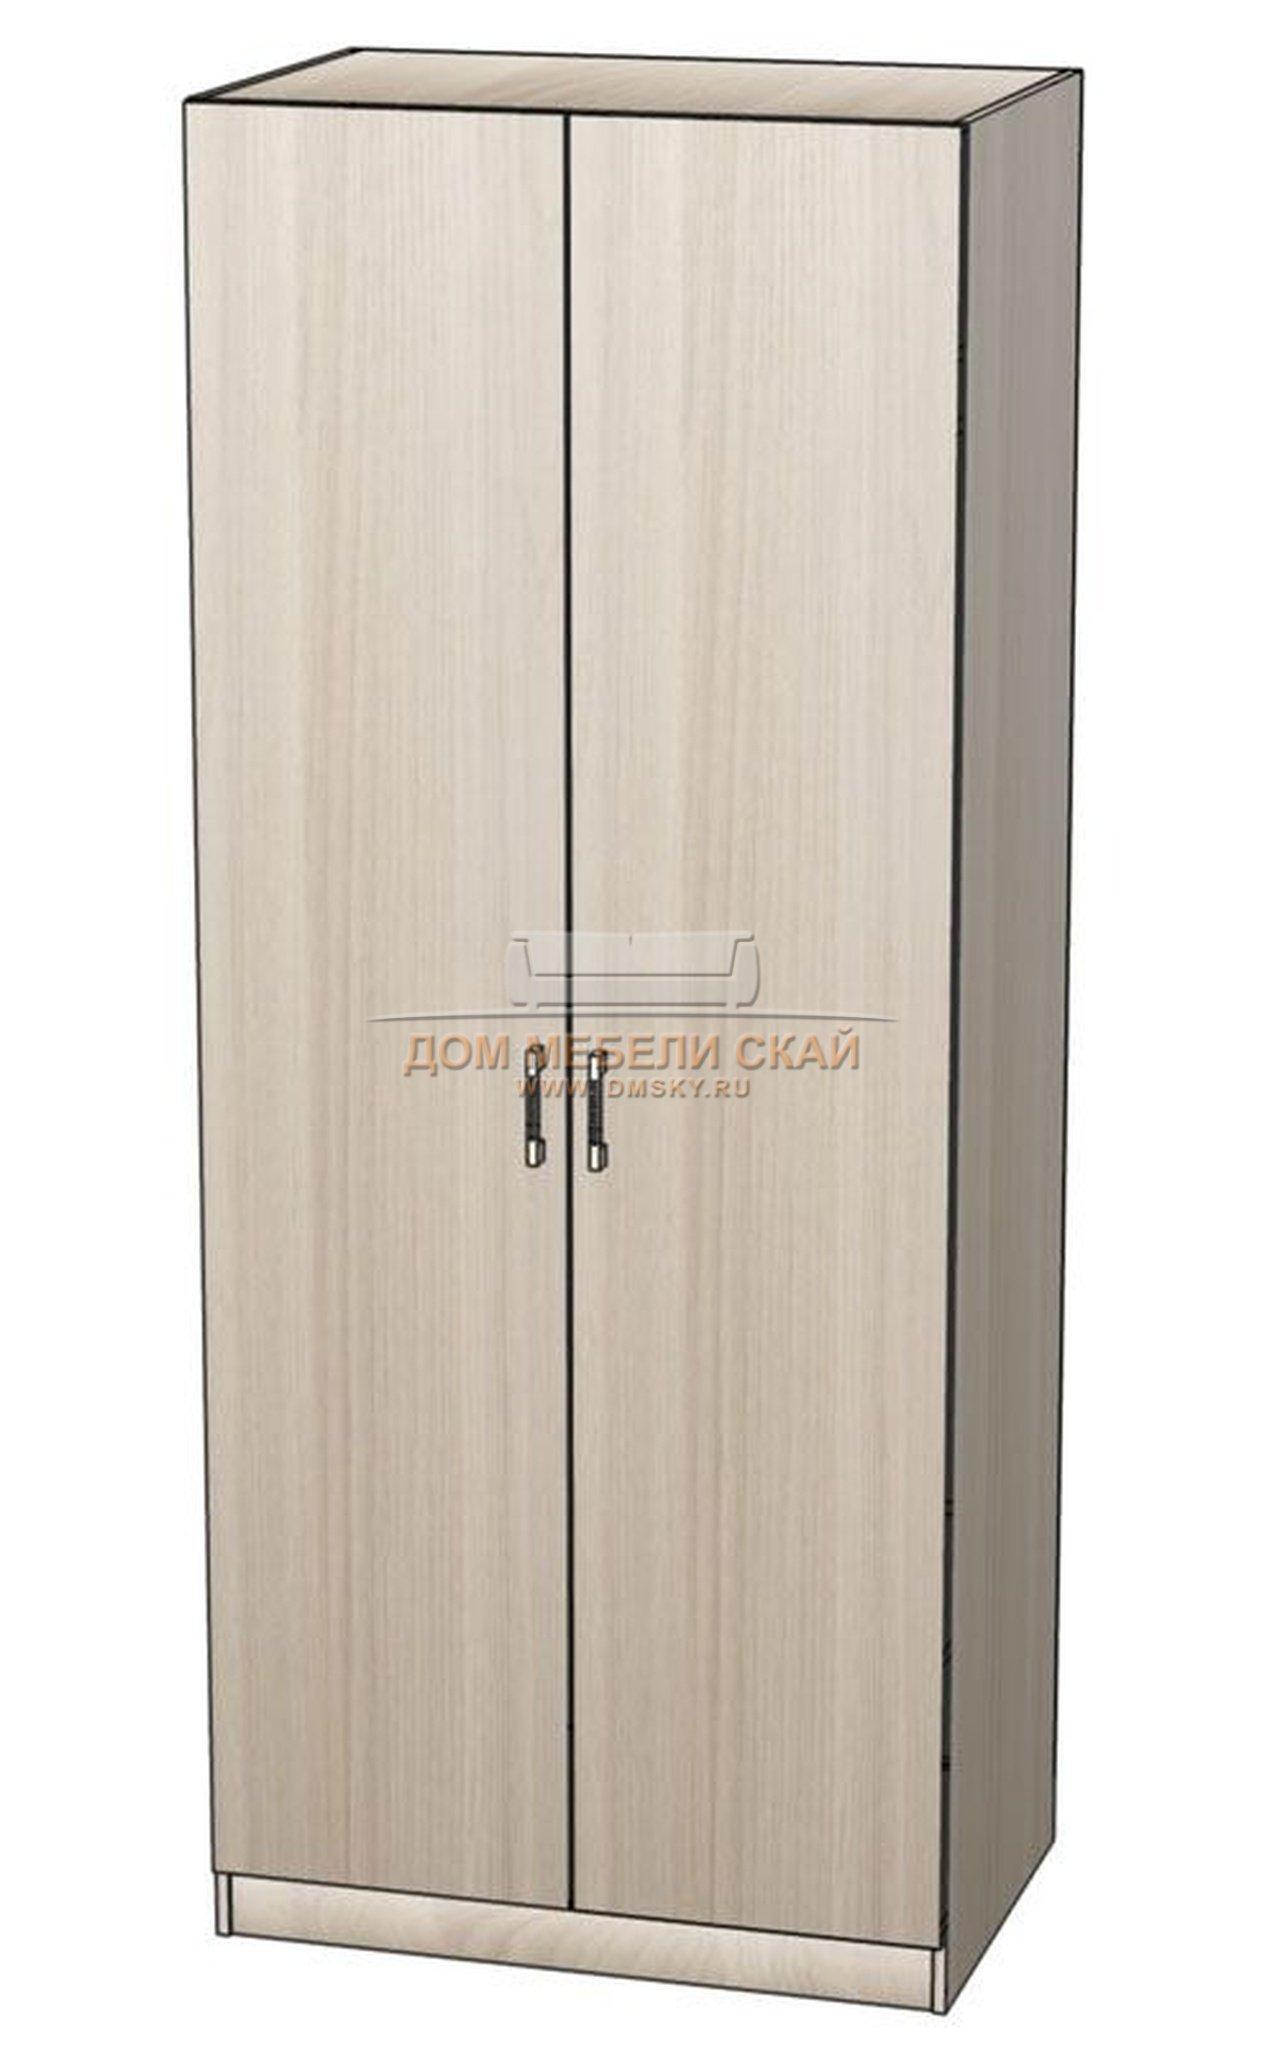 Шкафы двухстворчатые распашные в современном стиле элегия me.